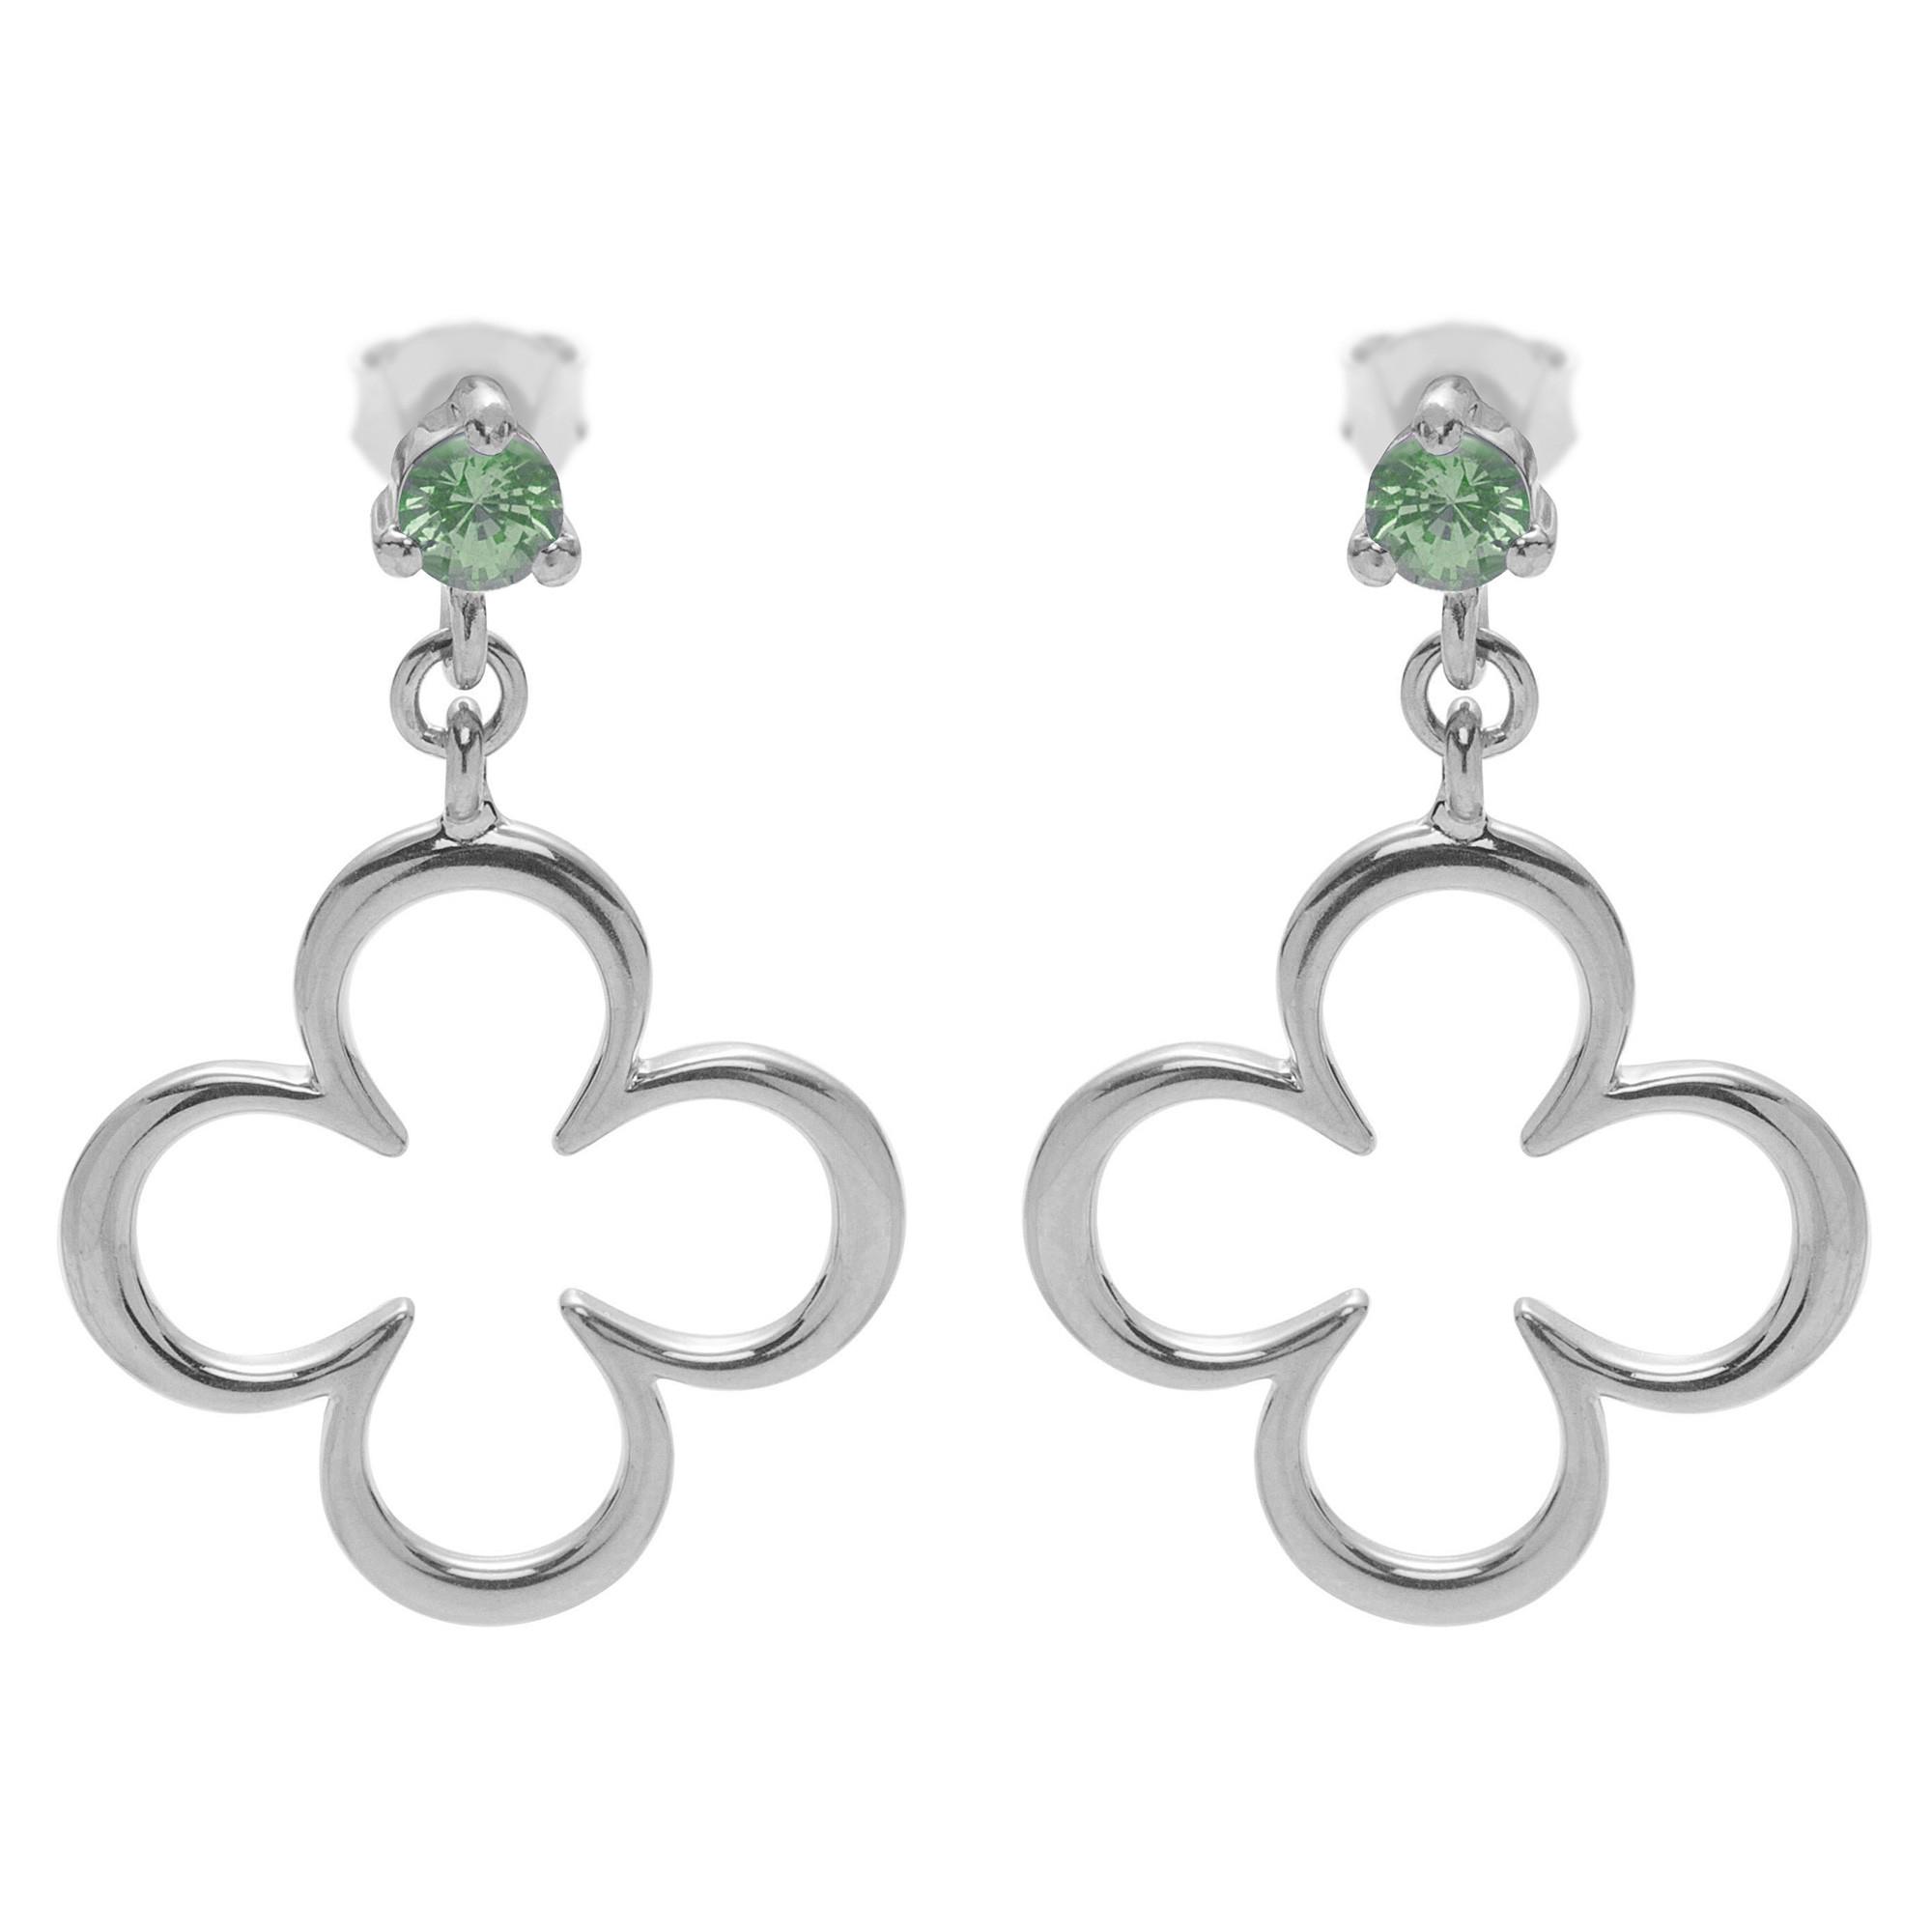 Boucles d'oreilles saphir vert trèfle en argent